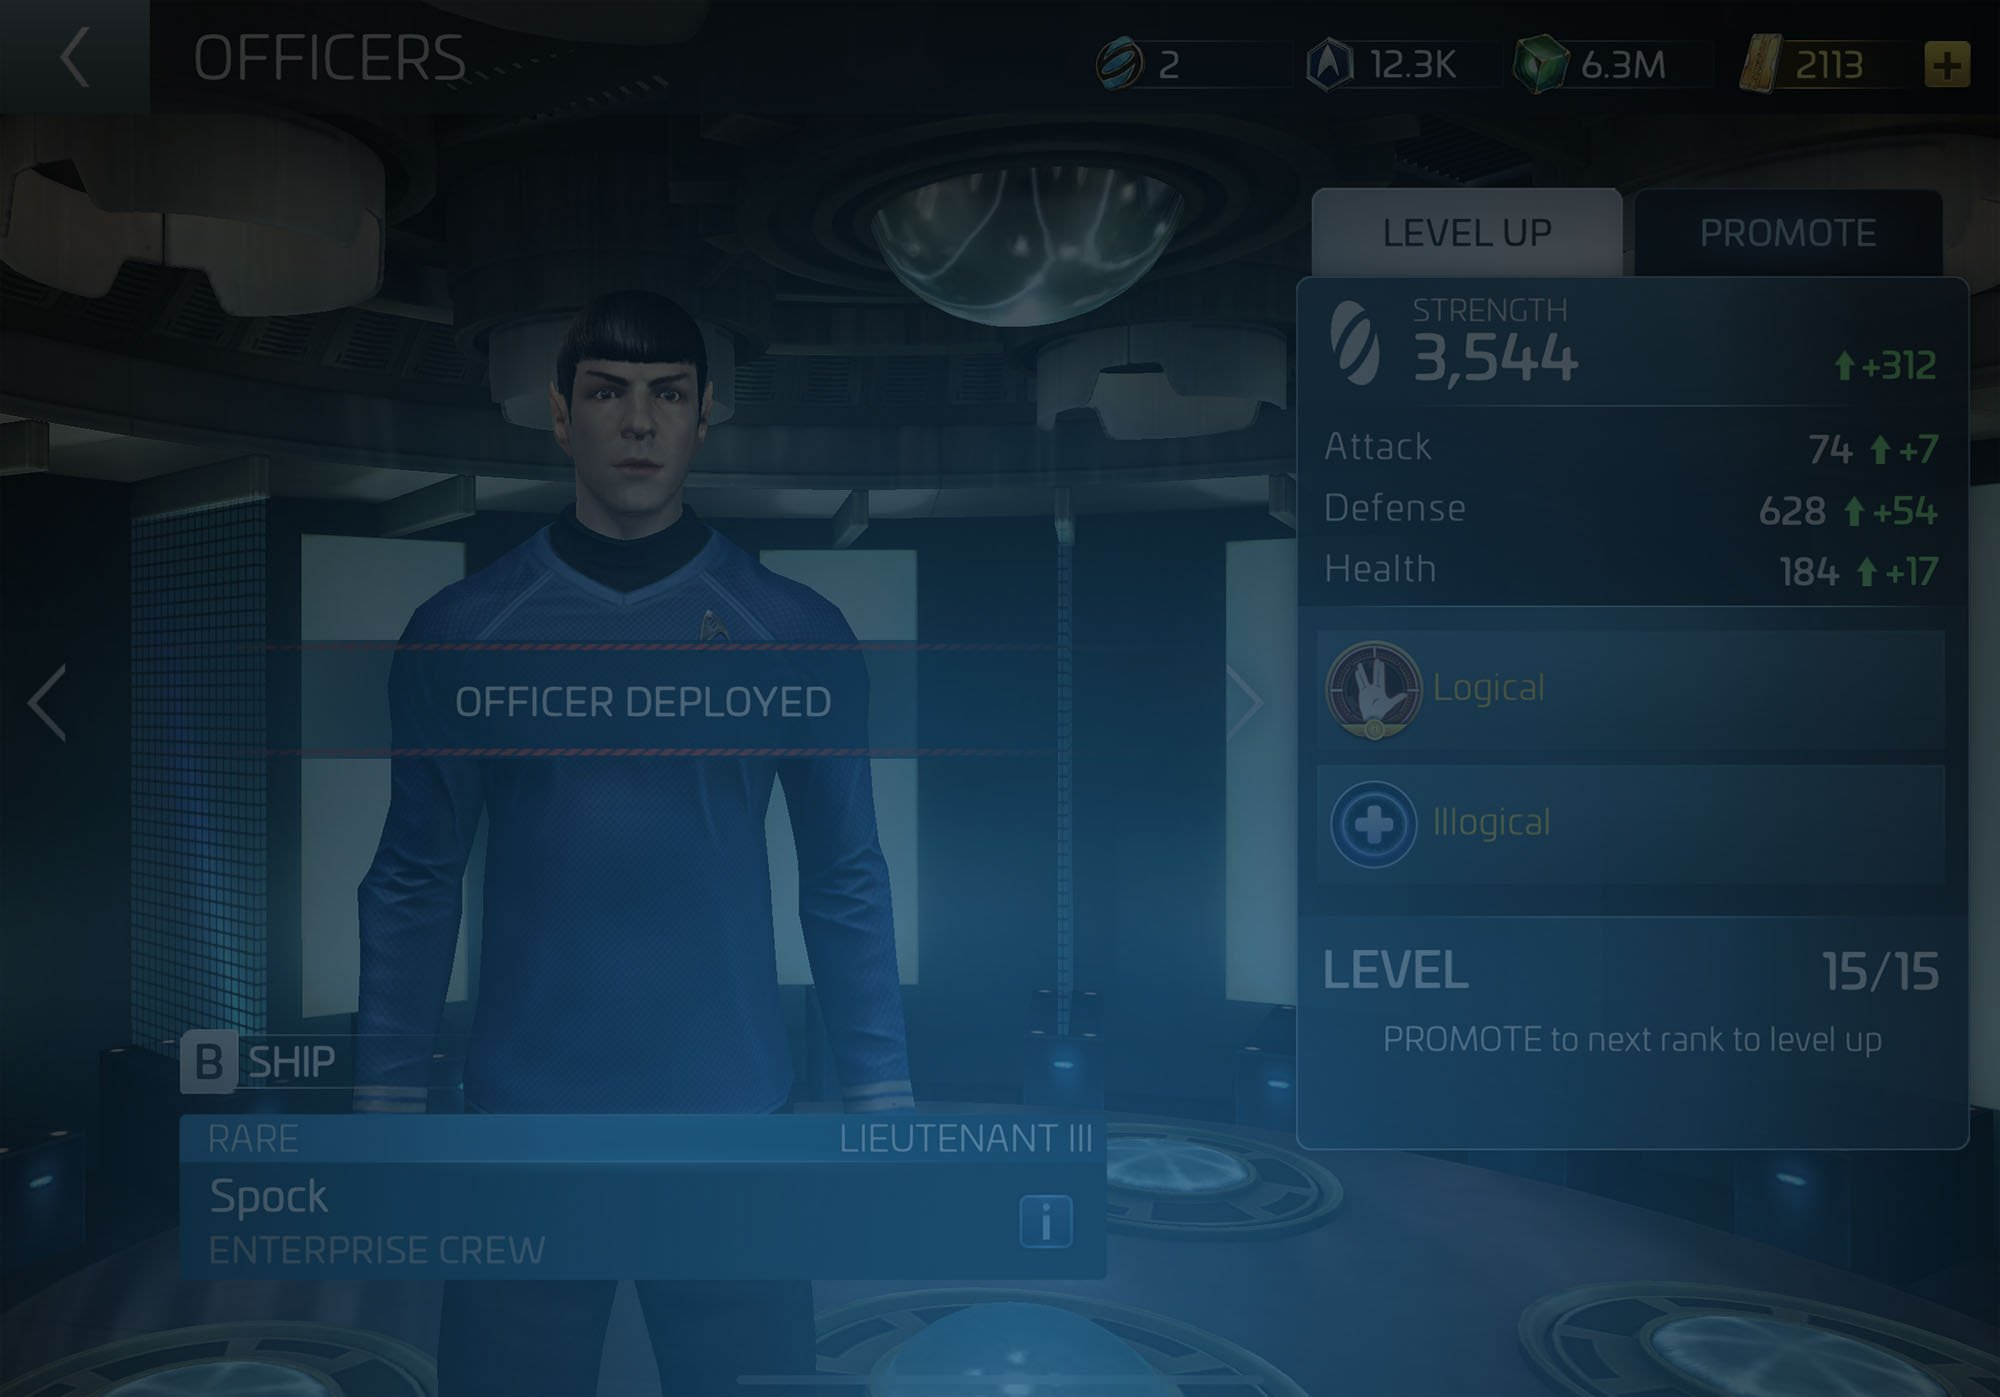 Officer Spock